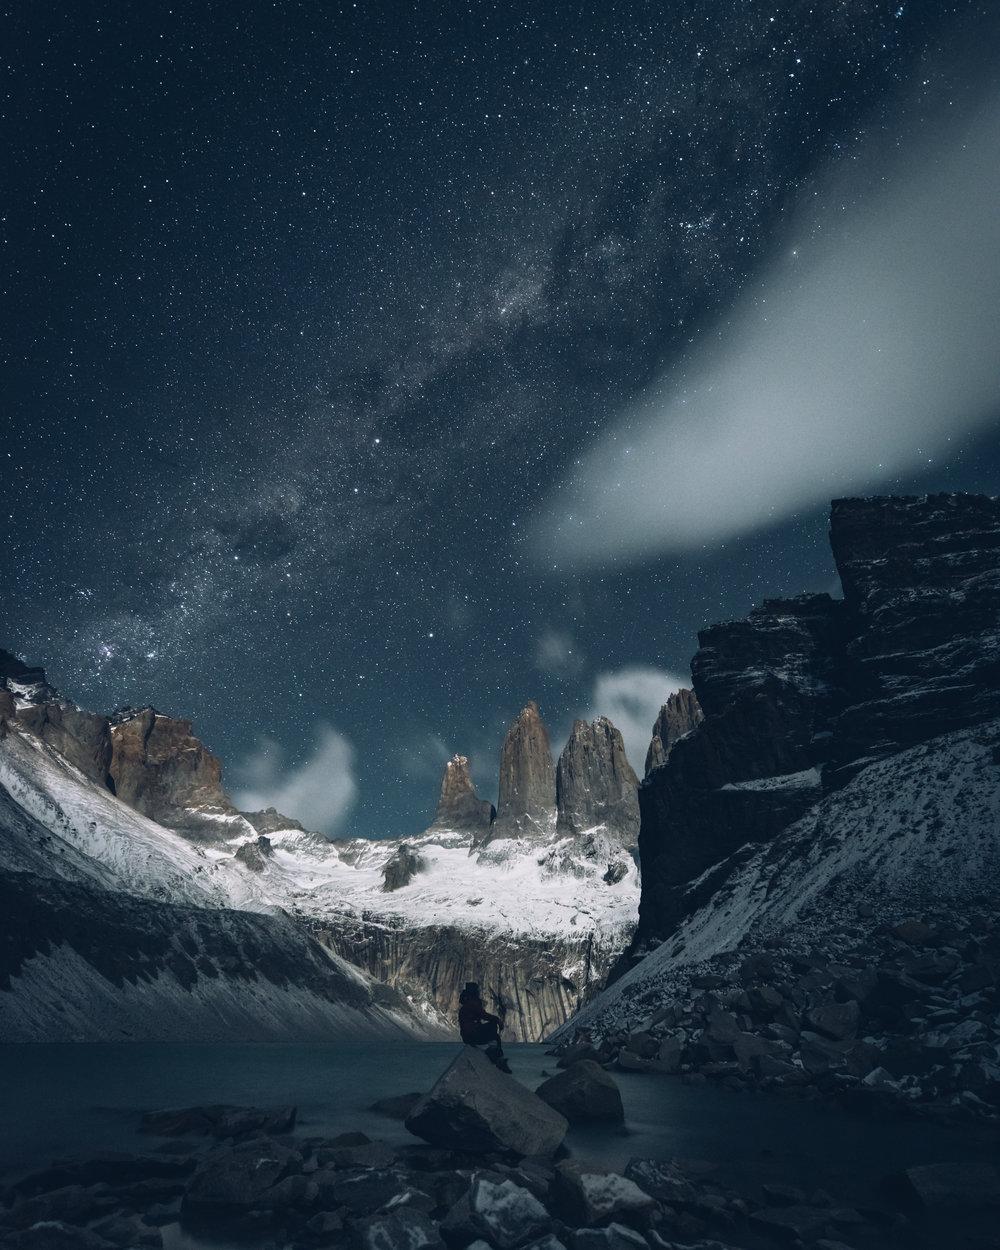 patagonia 18 (1 of 1).jpg